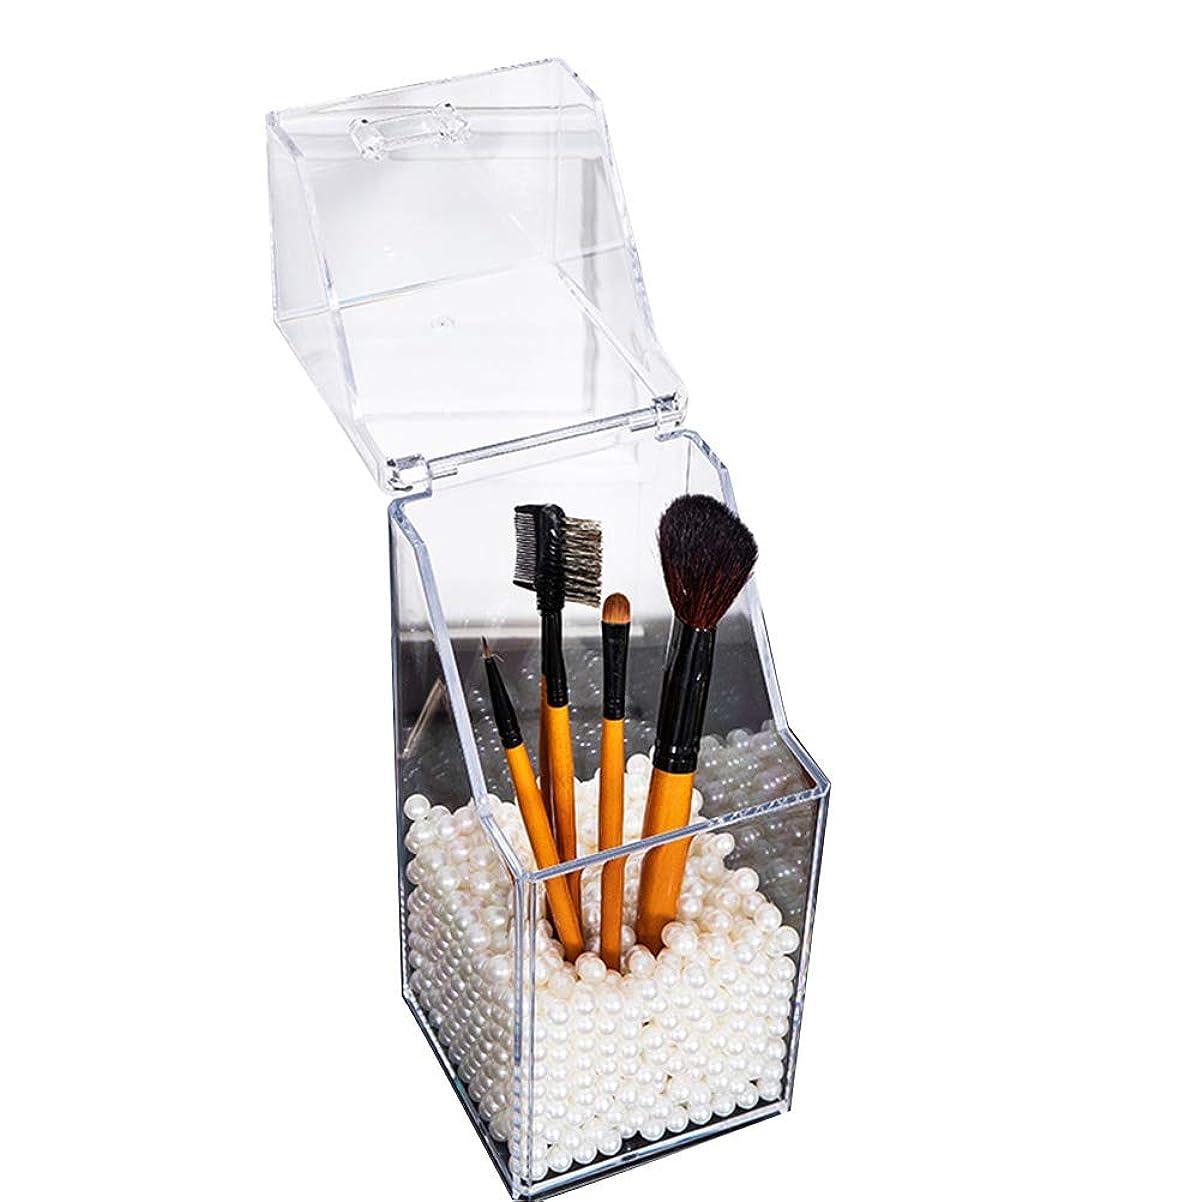 かんがいある徐々に[YEMOCILE] メイクボックス レディース ふた付き メイクブラシ 化粧品入れ 収納 透明 引き出し小物 アクリル製 真珠 高品質 ホワイト